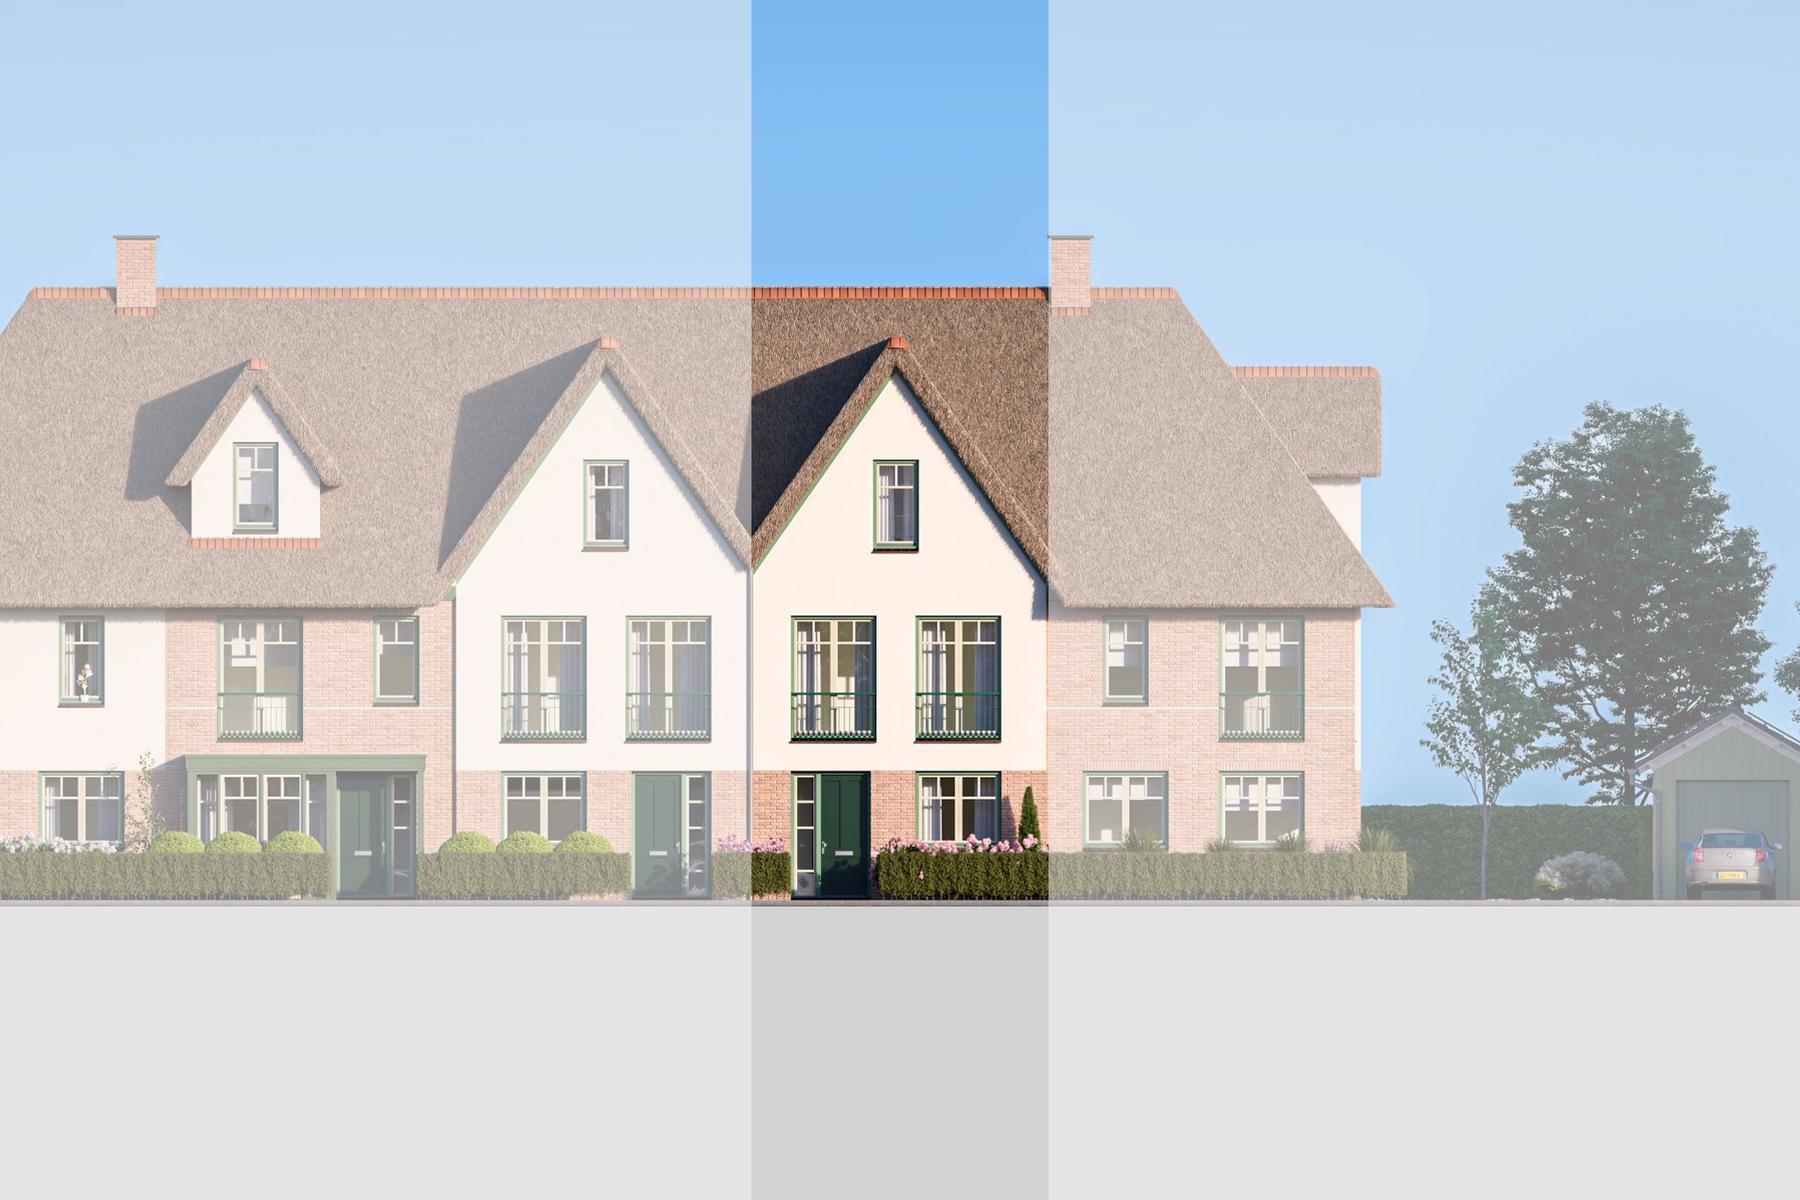 Woonpark-Hoevelaken-Het-Landgoed-fase-2-bwnr-32.jpg